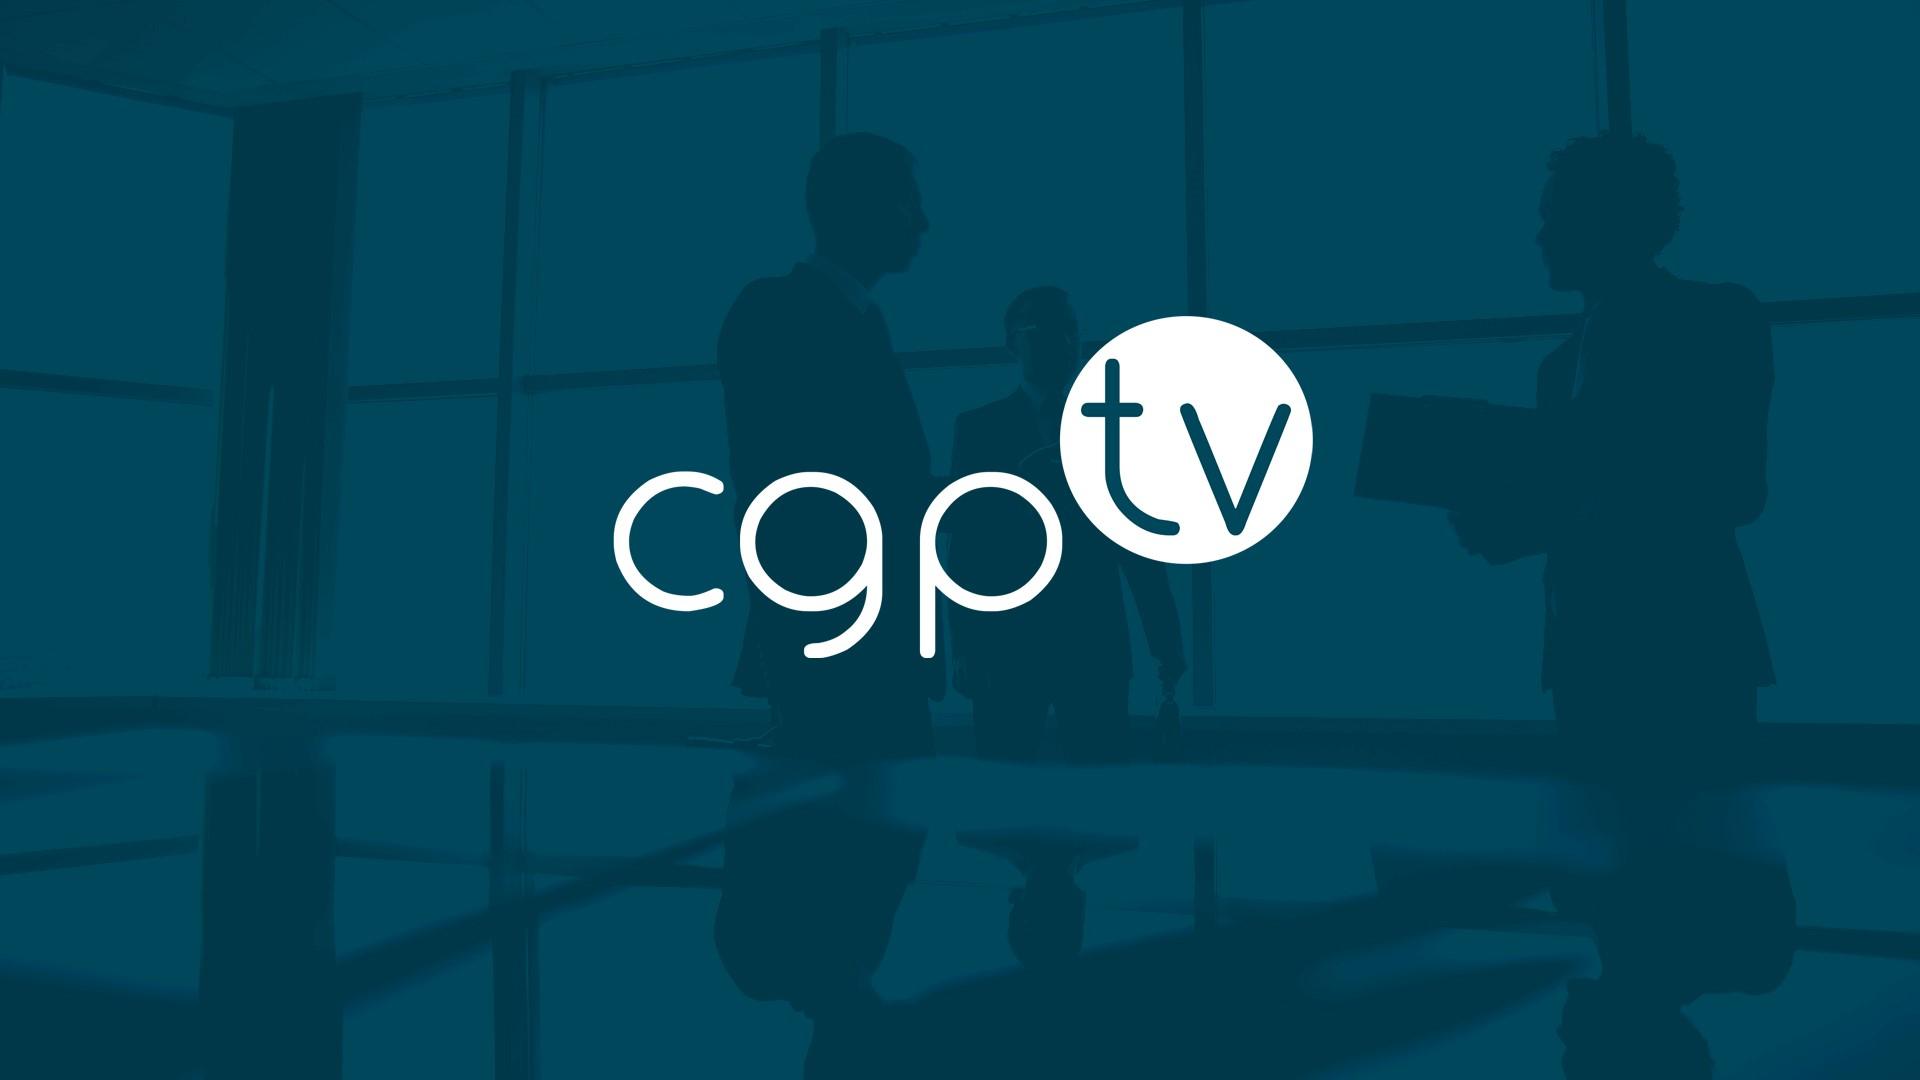 CGP TV